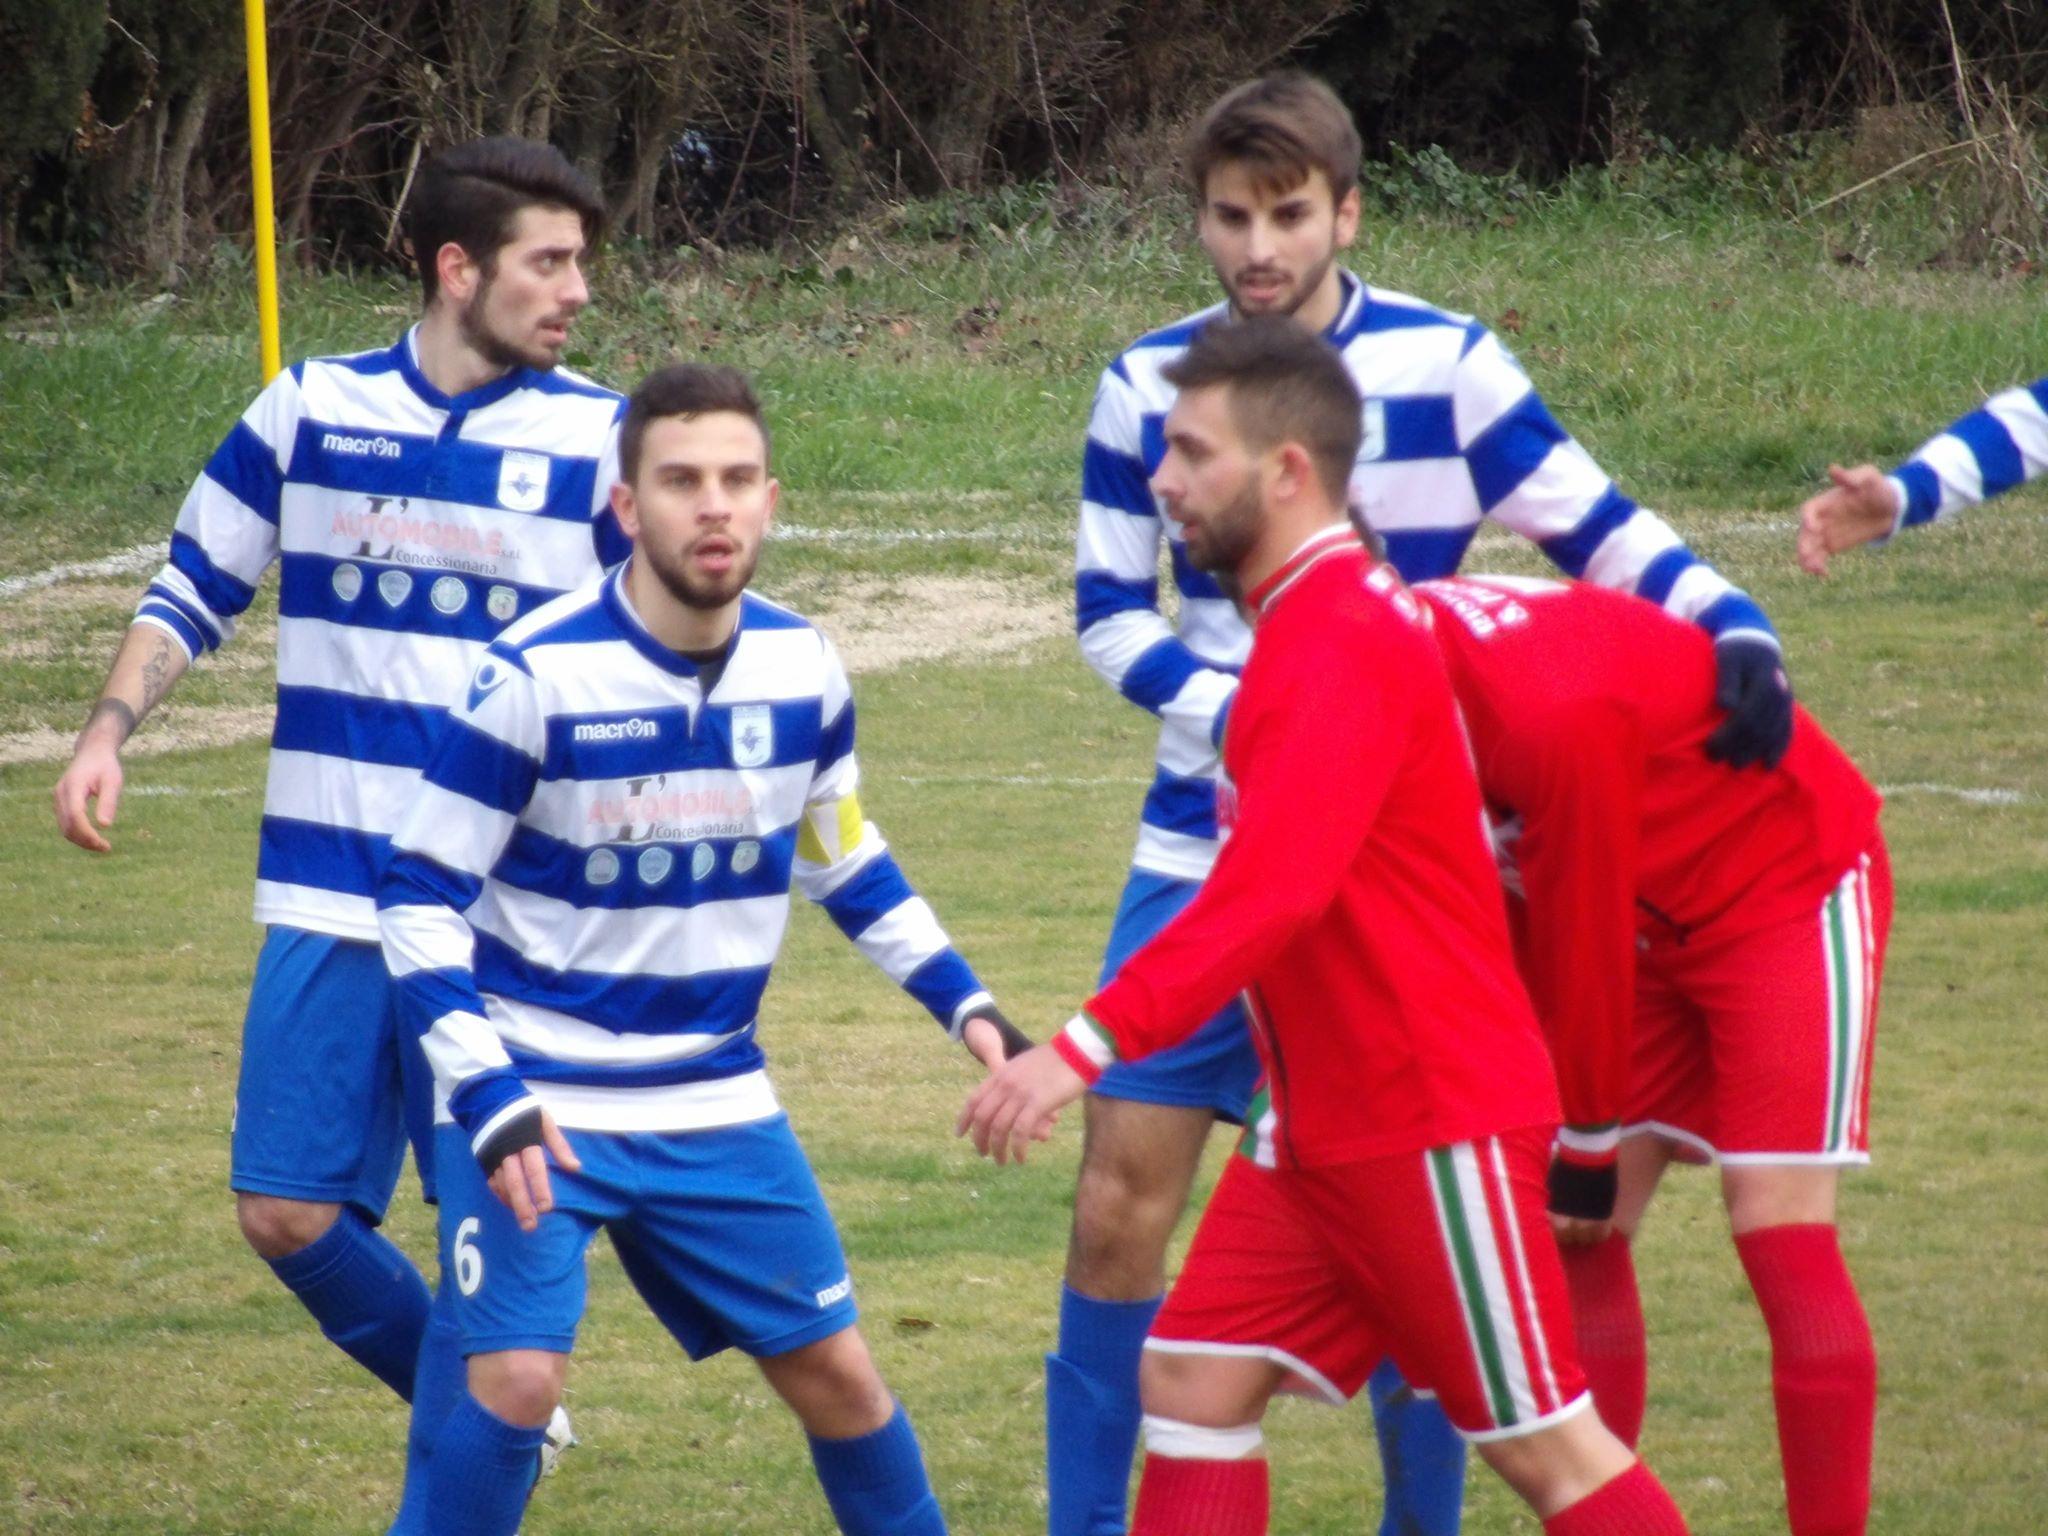 Terni Est Soccer School, Filippo Gentileschi 'Vittoria fondamentale per classifica e morale'